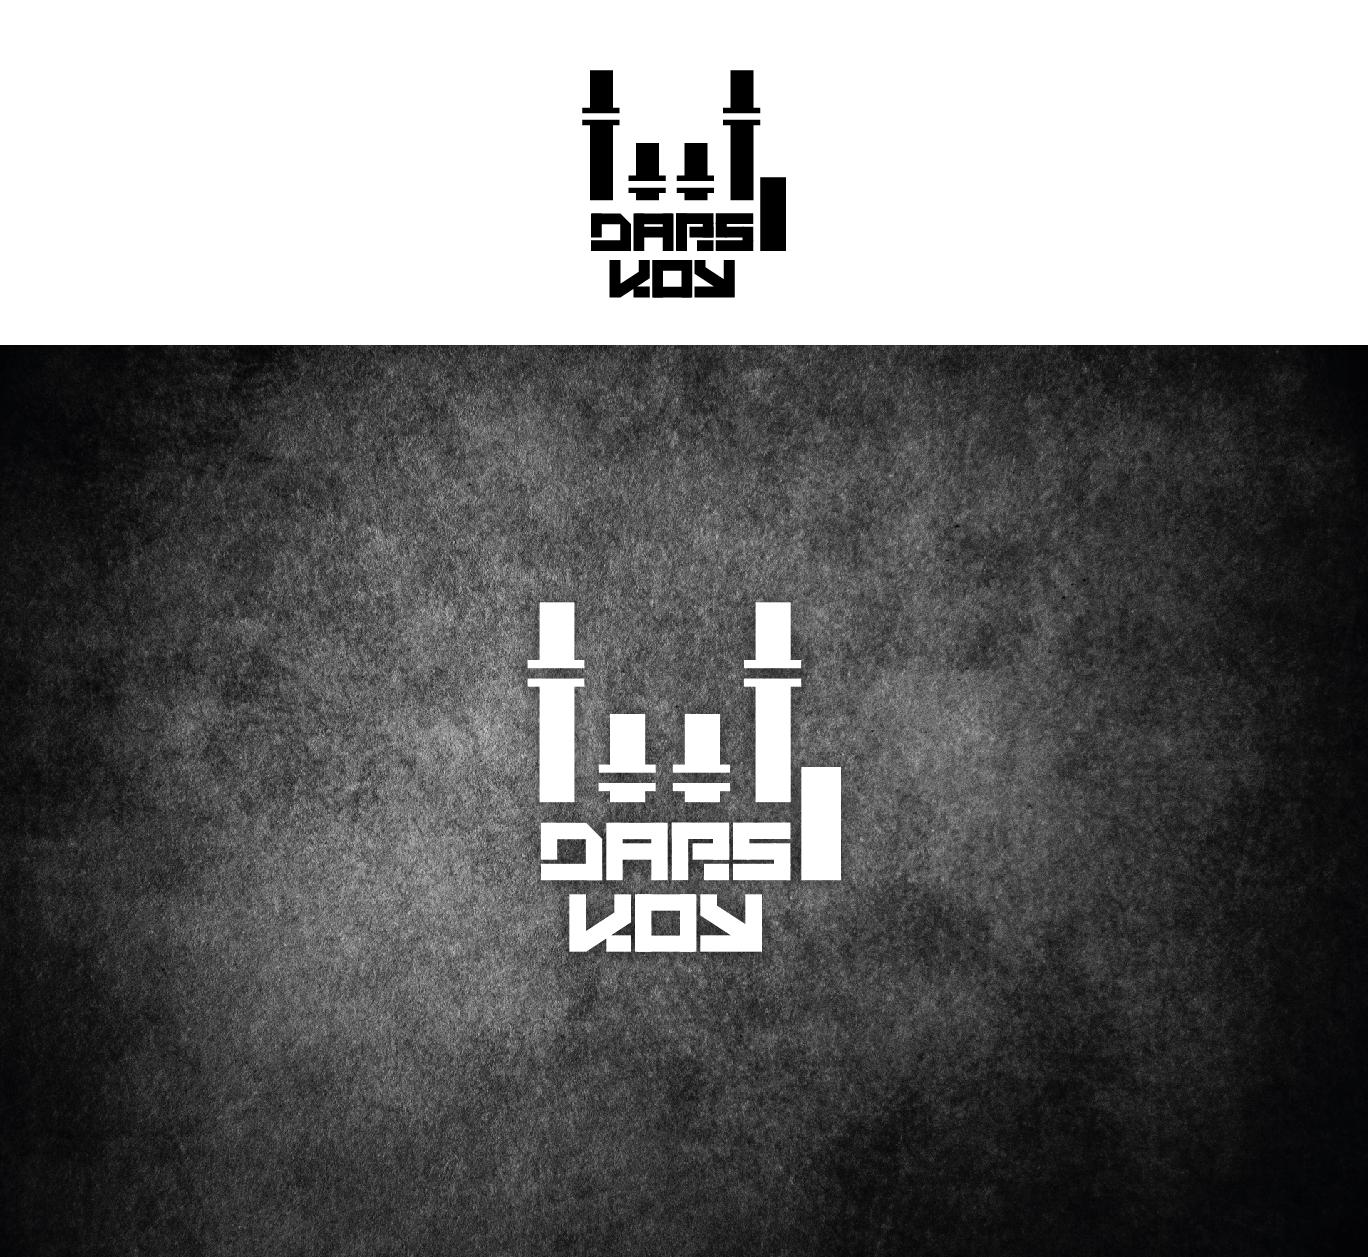 Нарисовать логотип для сольного музыкального проекта фото f_7145ba9f08e98644.jpg